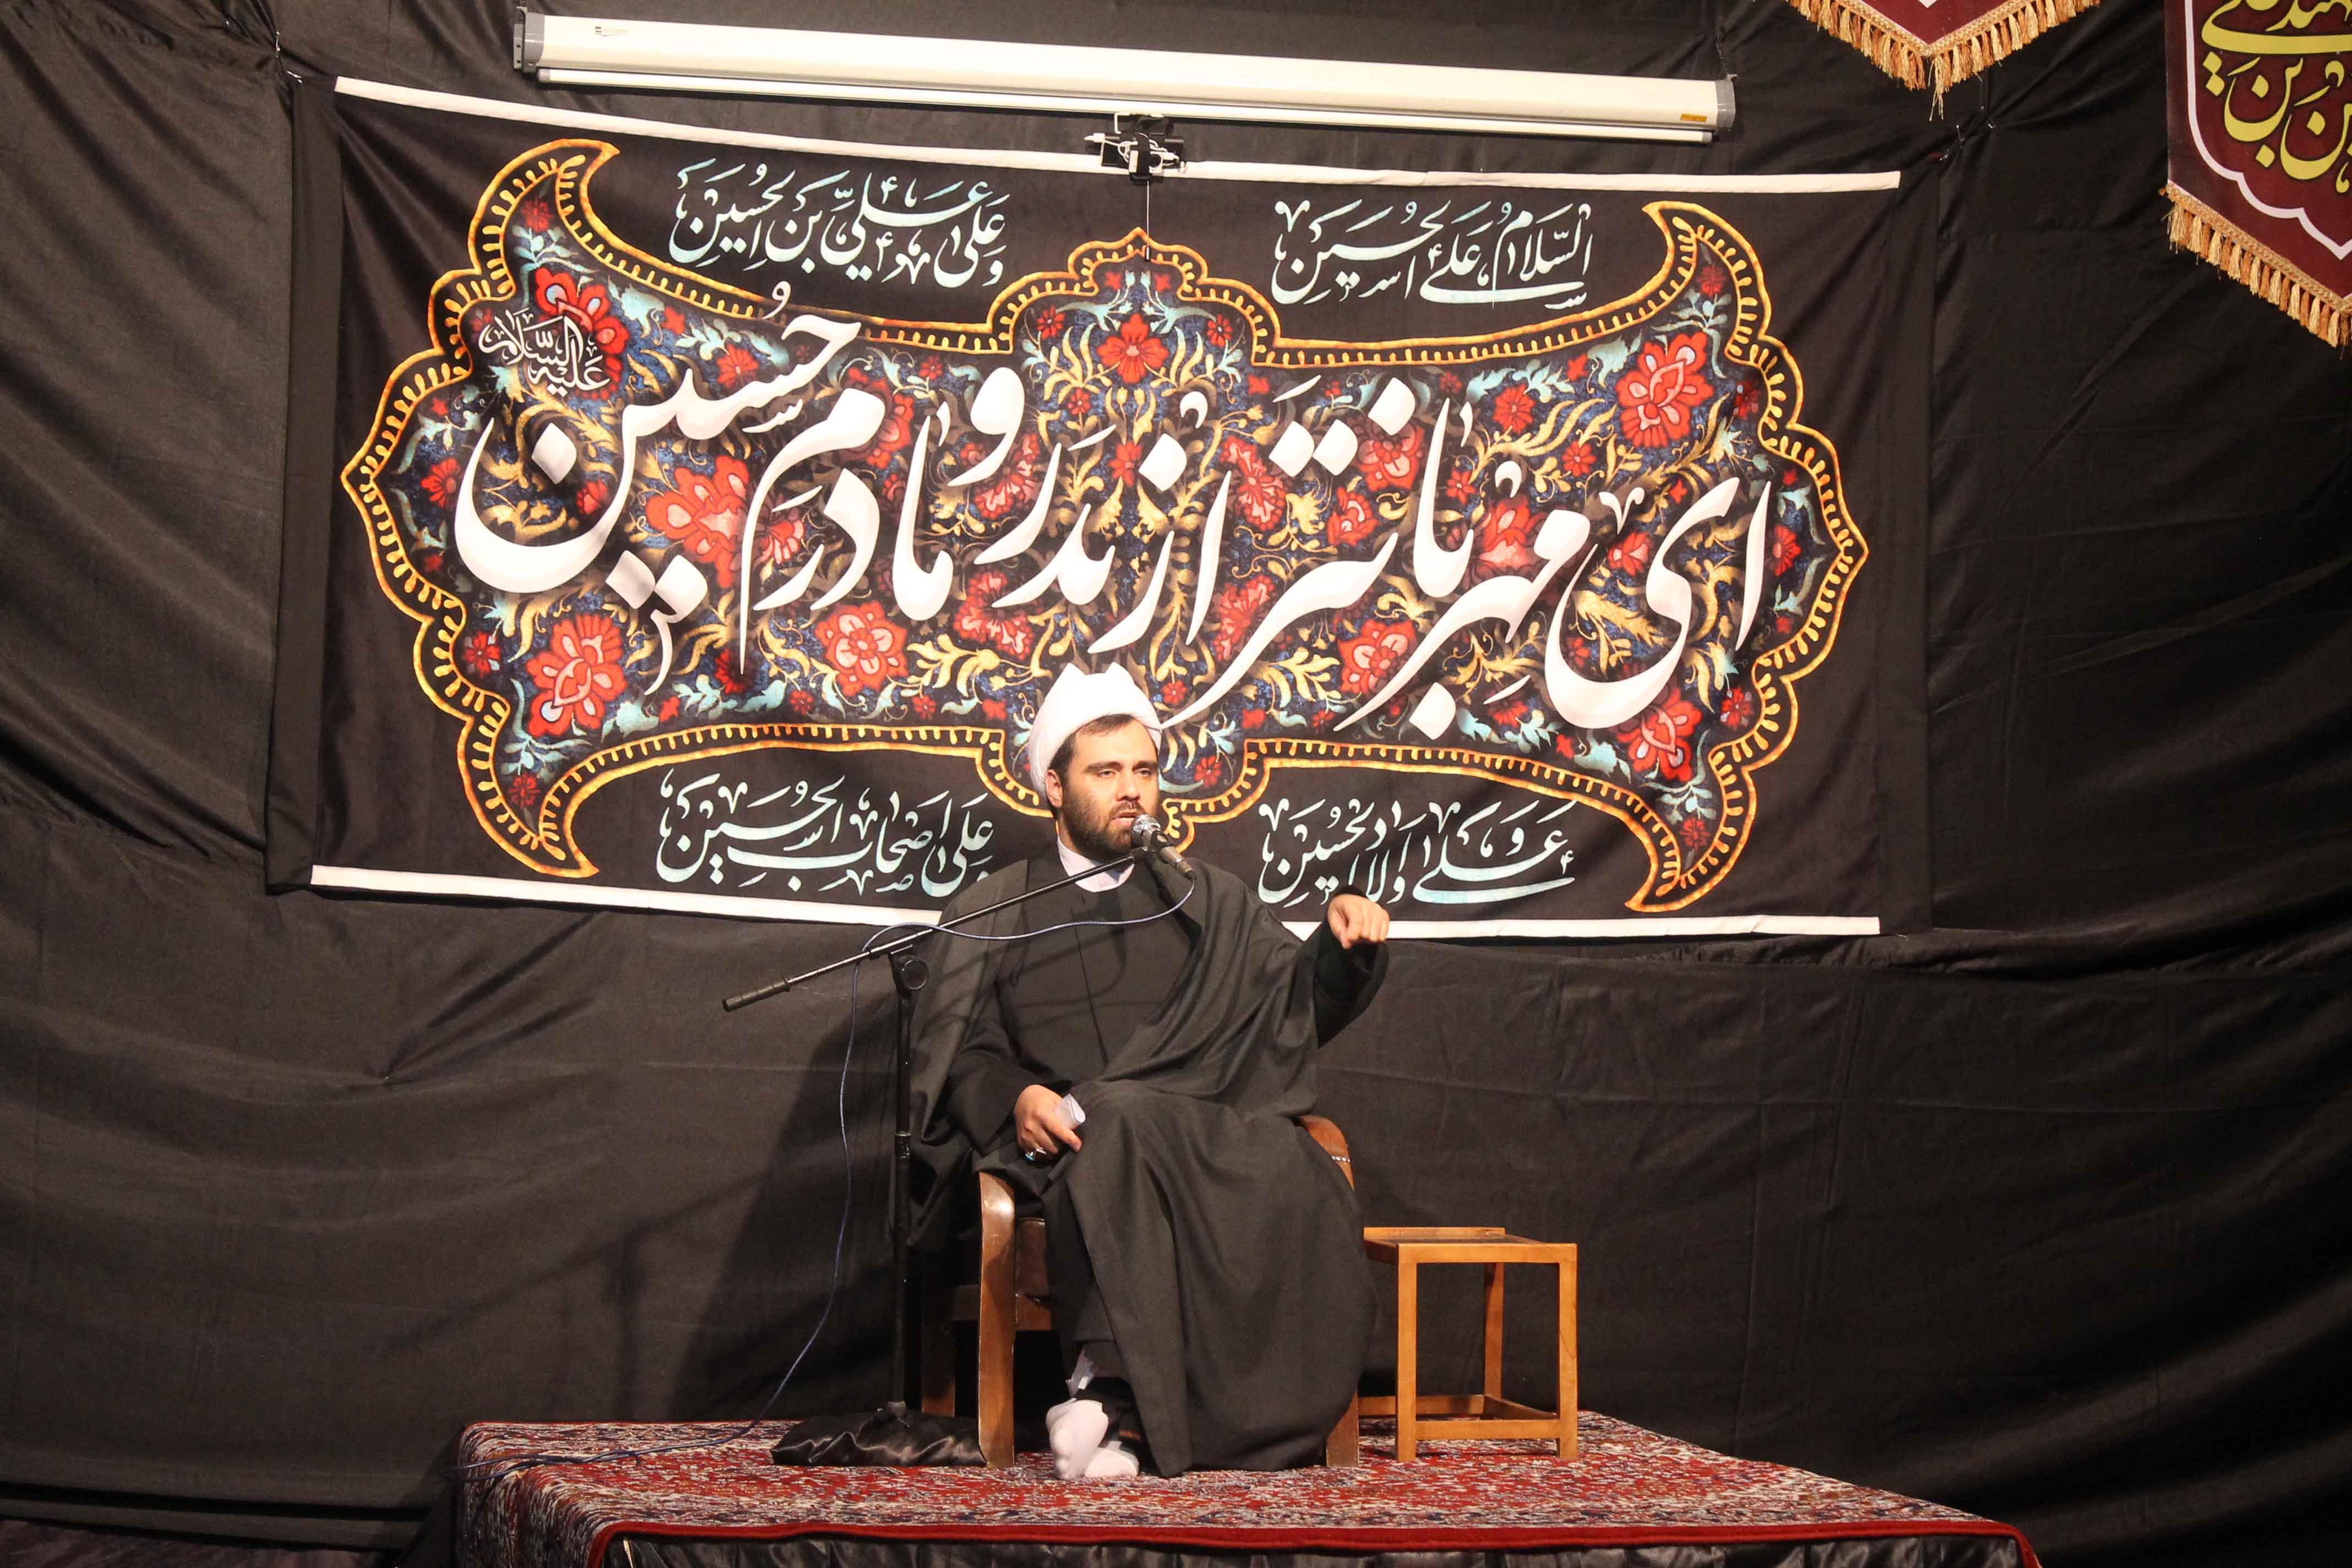 حجت الاسلام محمد حسن طه محمدی